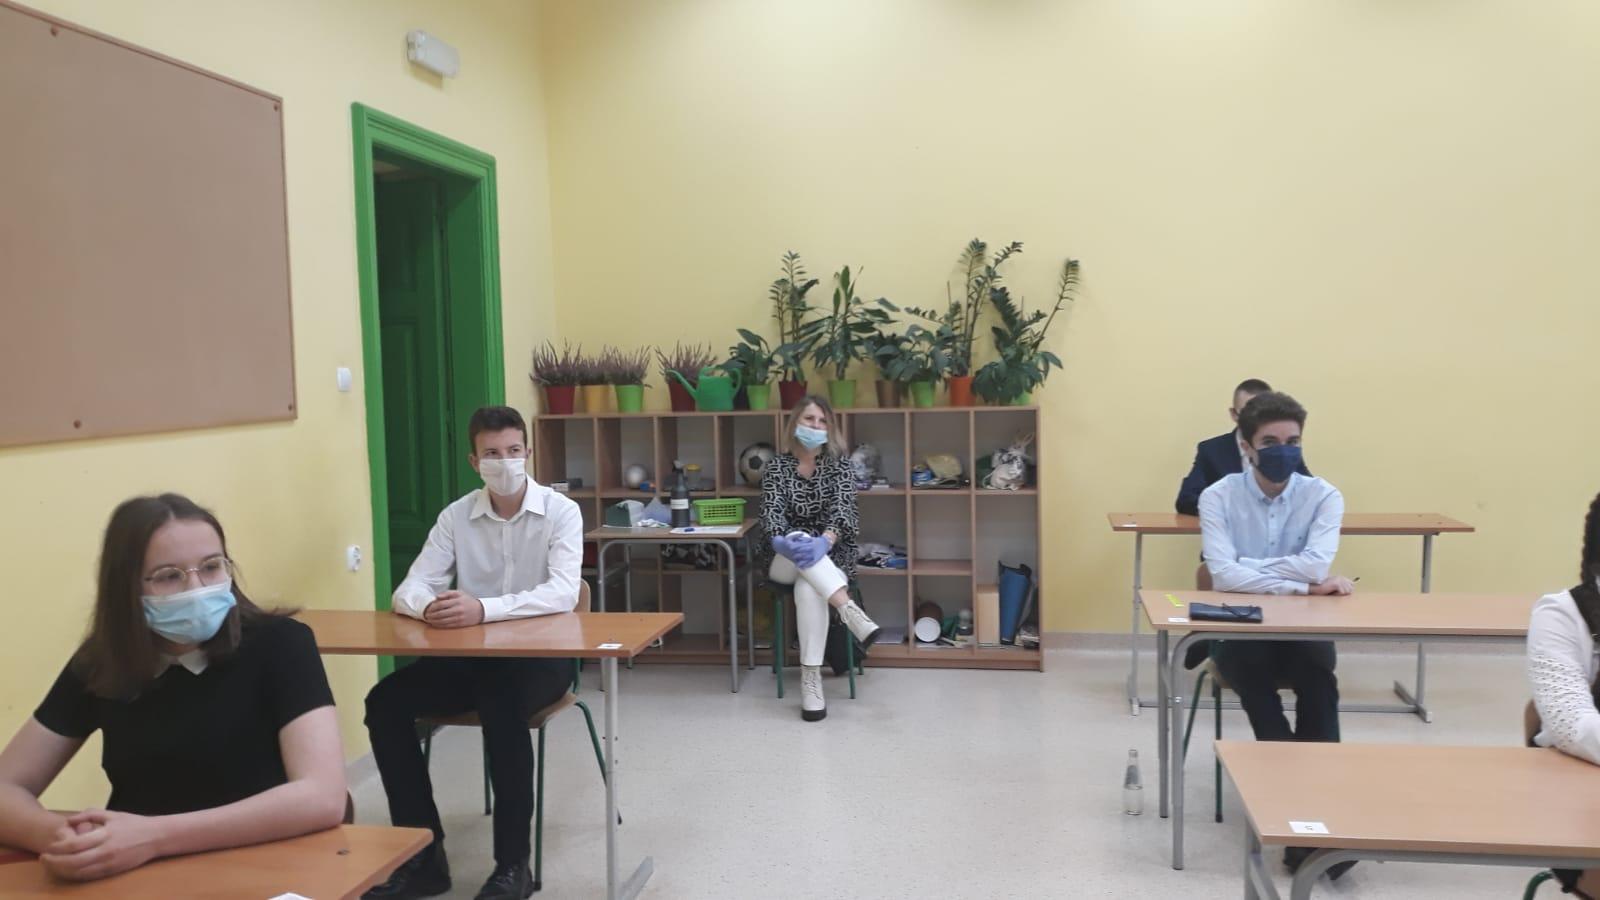 images/Galeria/egzaminosmaki20/IMG-20200617-WA0012